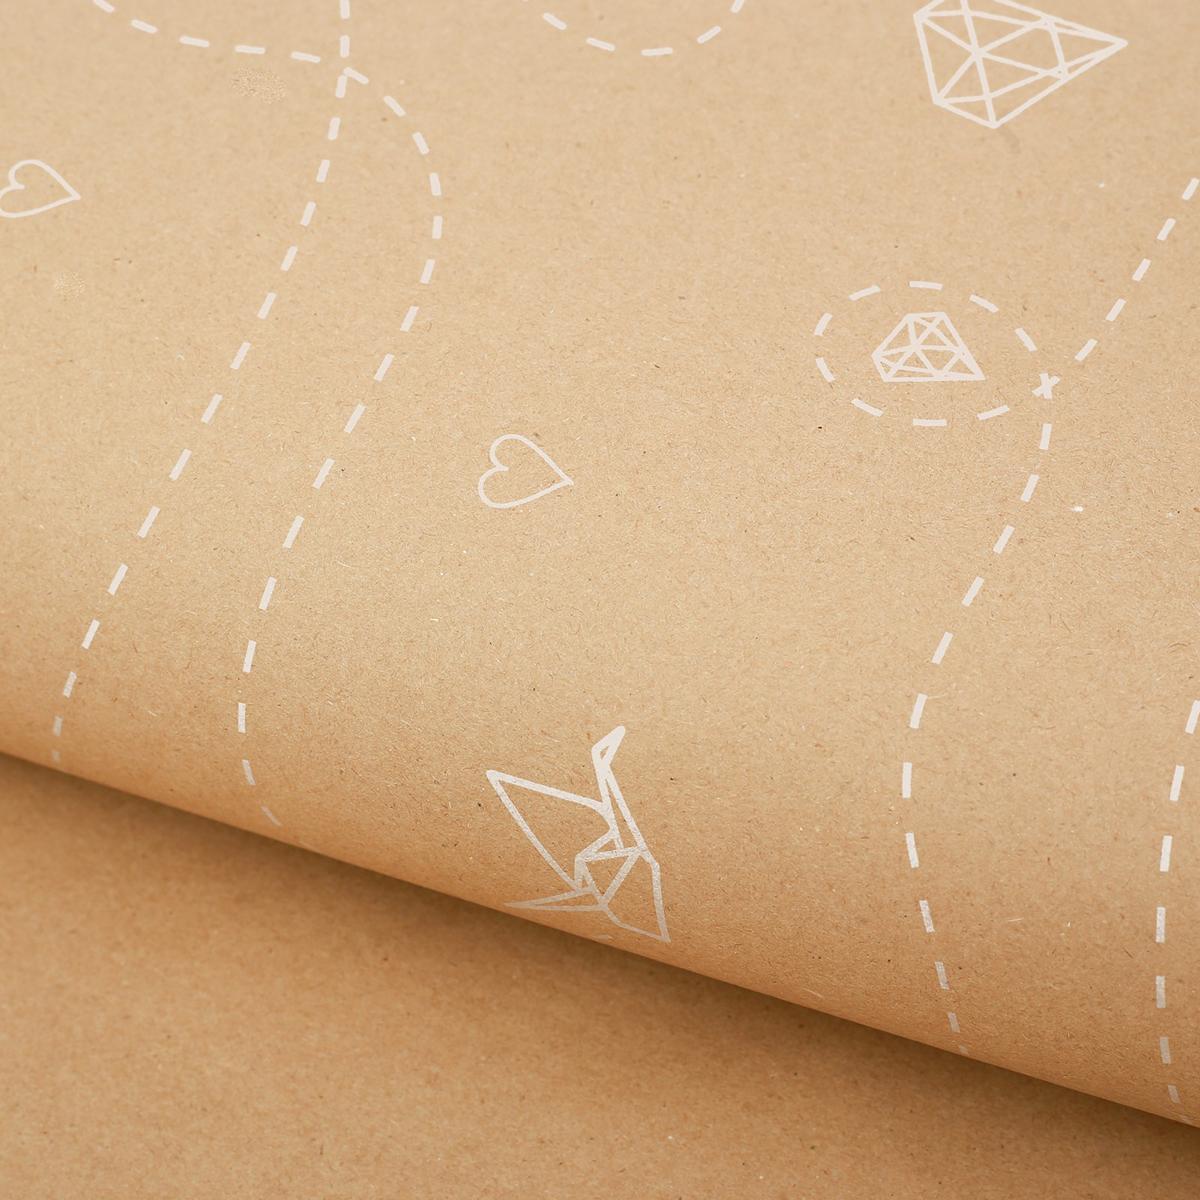 Крафт бумага Дарите Счастье Полет, 50 х 70 см2771498Любой подарок начинается с упаковки. Что может быть трогательнее и волшебнее, чем ритуал разворачивания полученного презента. И именно оригинальная, со вкусом выбранная упаковка выделит ваш подарок из массы других. Она продемонстрирует самые теплые чувства к виновнику торжества и создаст сказочную атмосферу праздника.